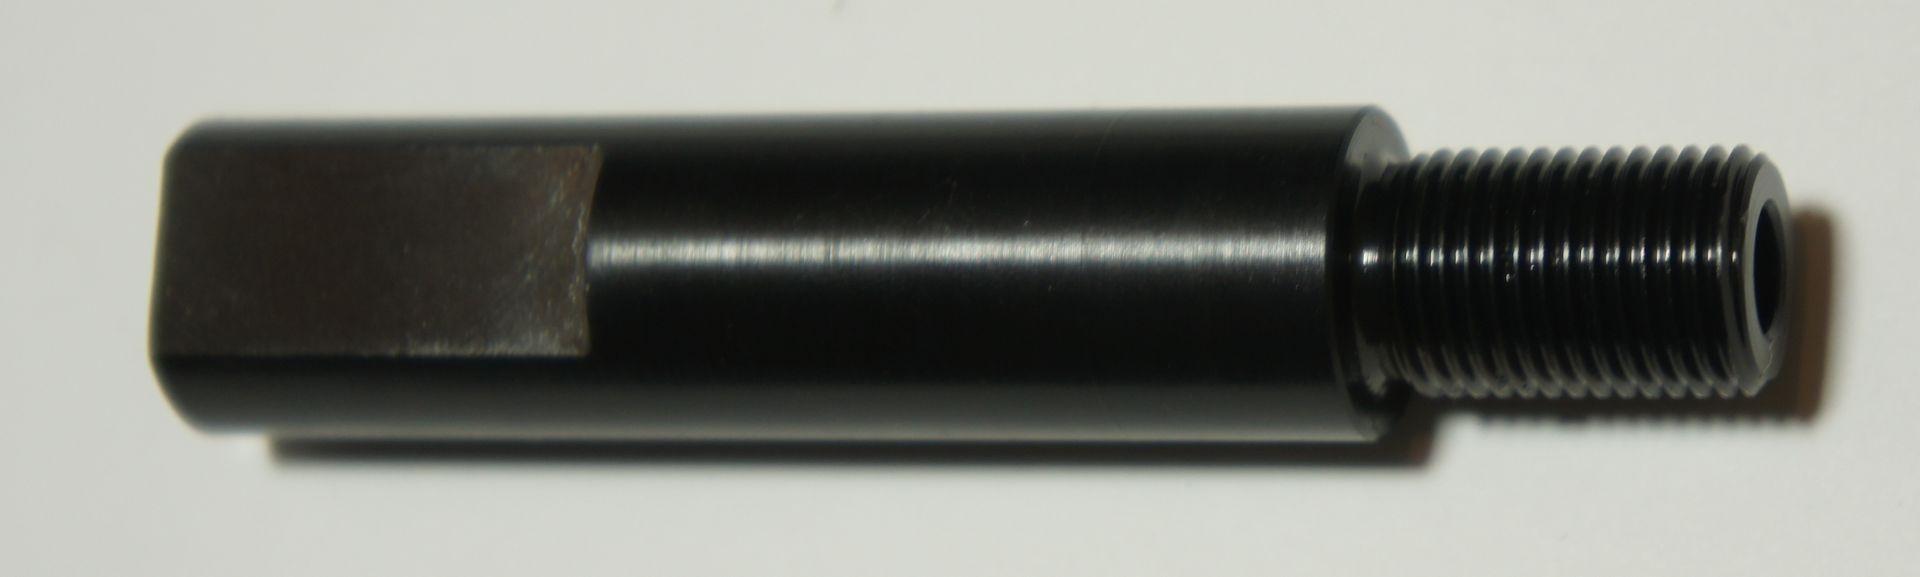 Dieser Adapter  ist speziell für die CO2 Pistole Crosman 2240 und hat an der Unterseite eine Aussparung, damit der Deckel vom Kapselbehälter problemlos gelöst werden kann.